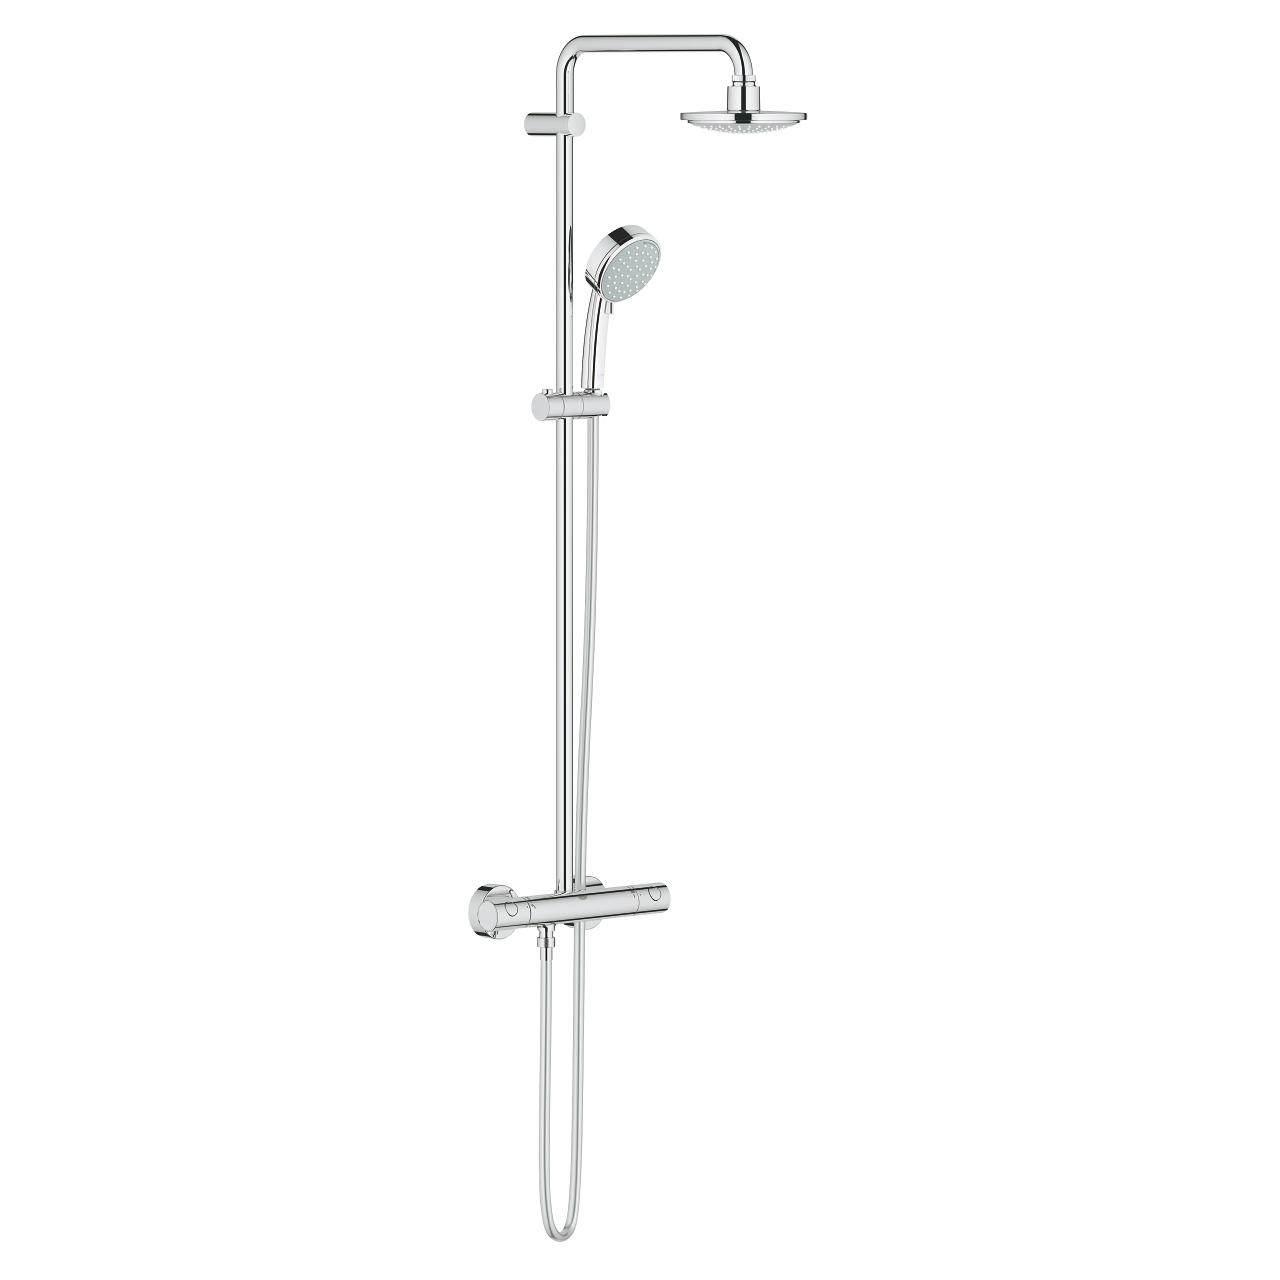 Systém sprchový Grohe TEMPESTA COSMOPOLITAN 160 s termostatickou baterií